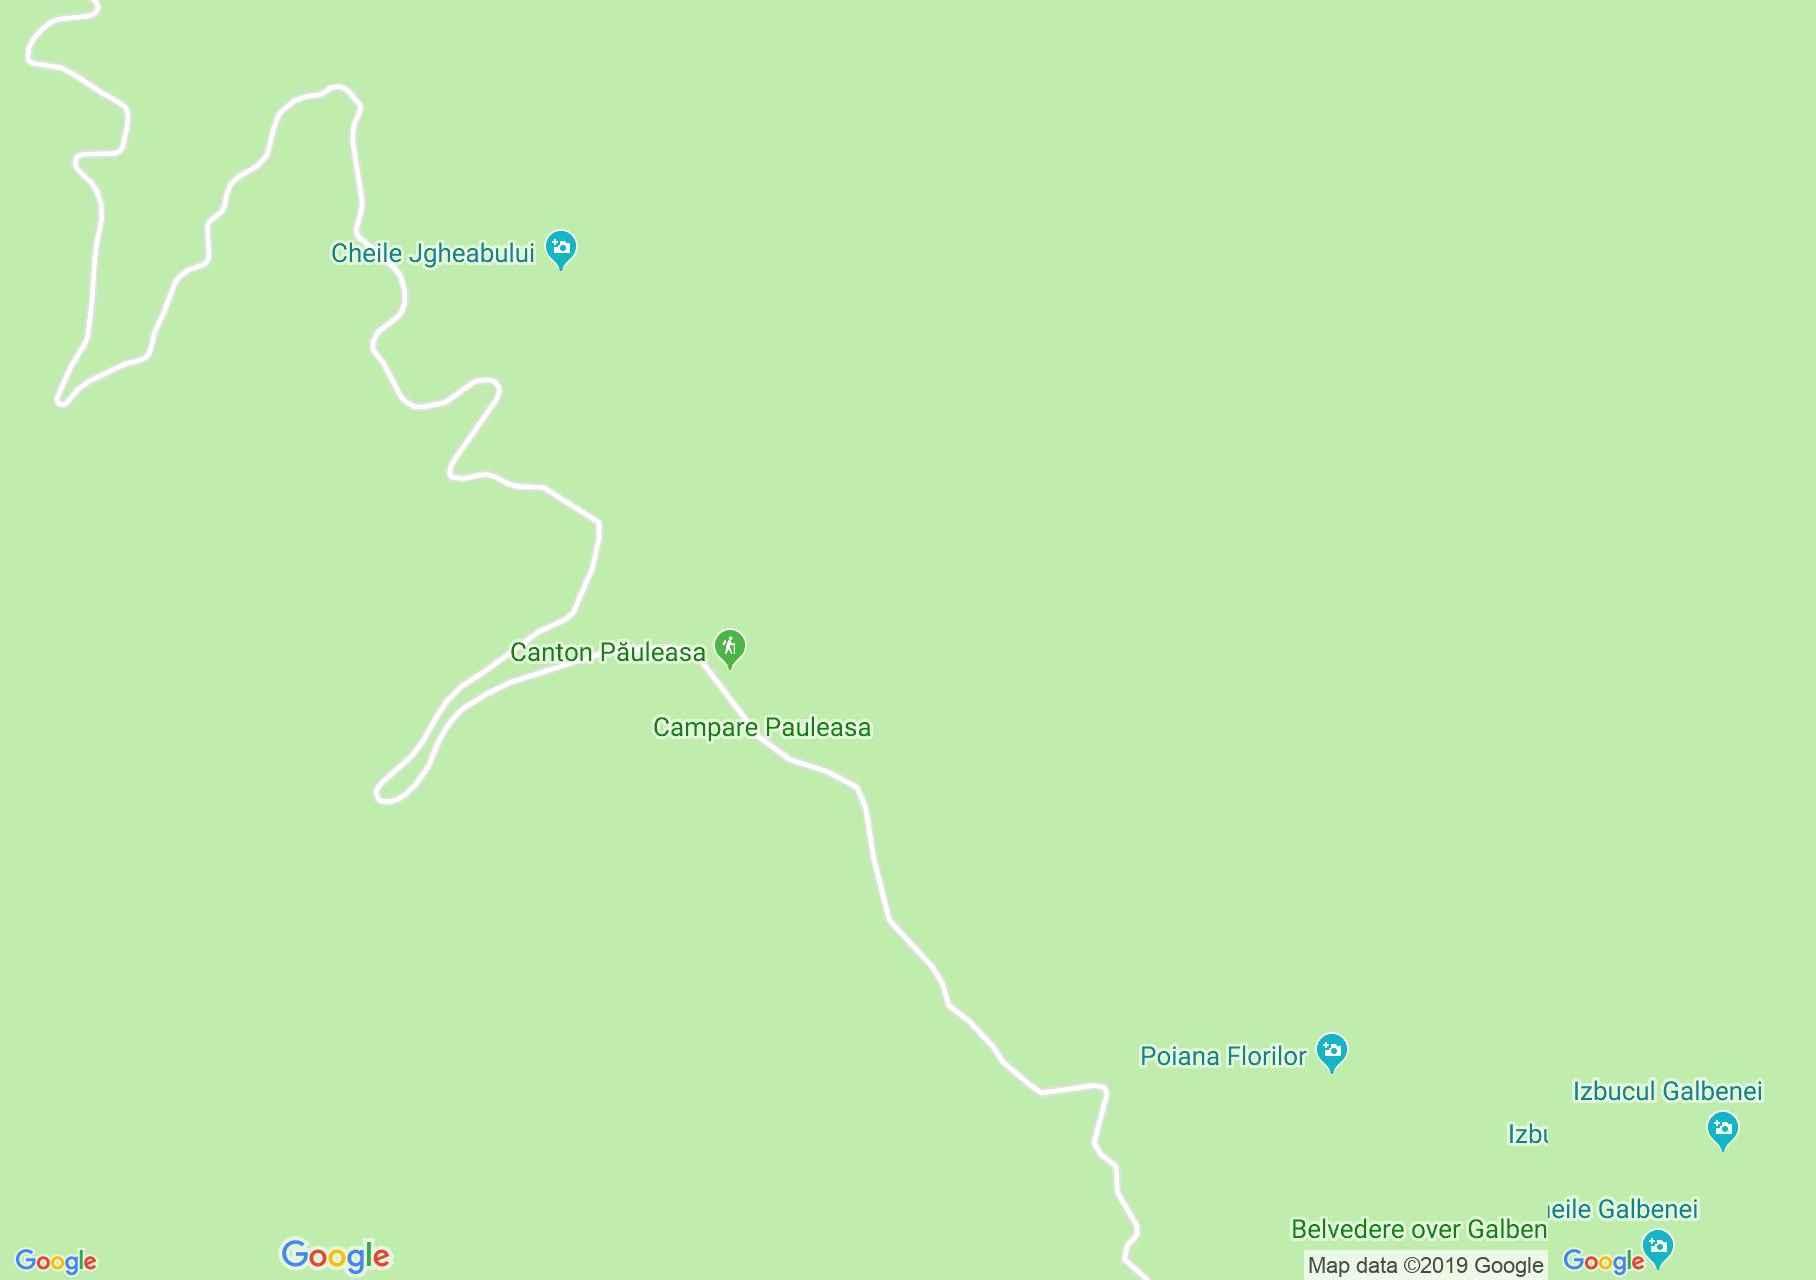 Hartă Bihor-Vlădeasa, Munţii Apuseni: Pietroasa-Arieşeni